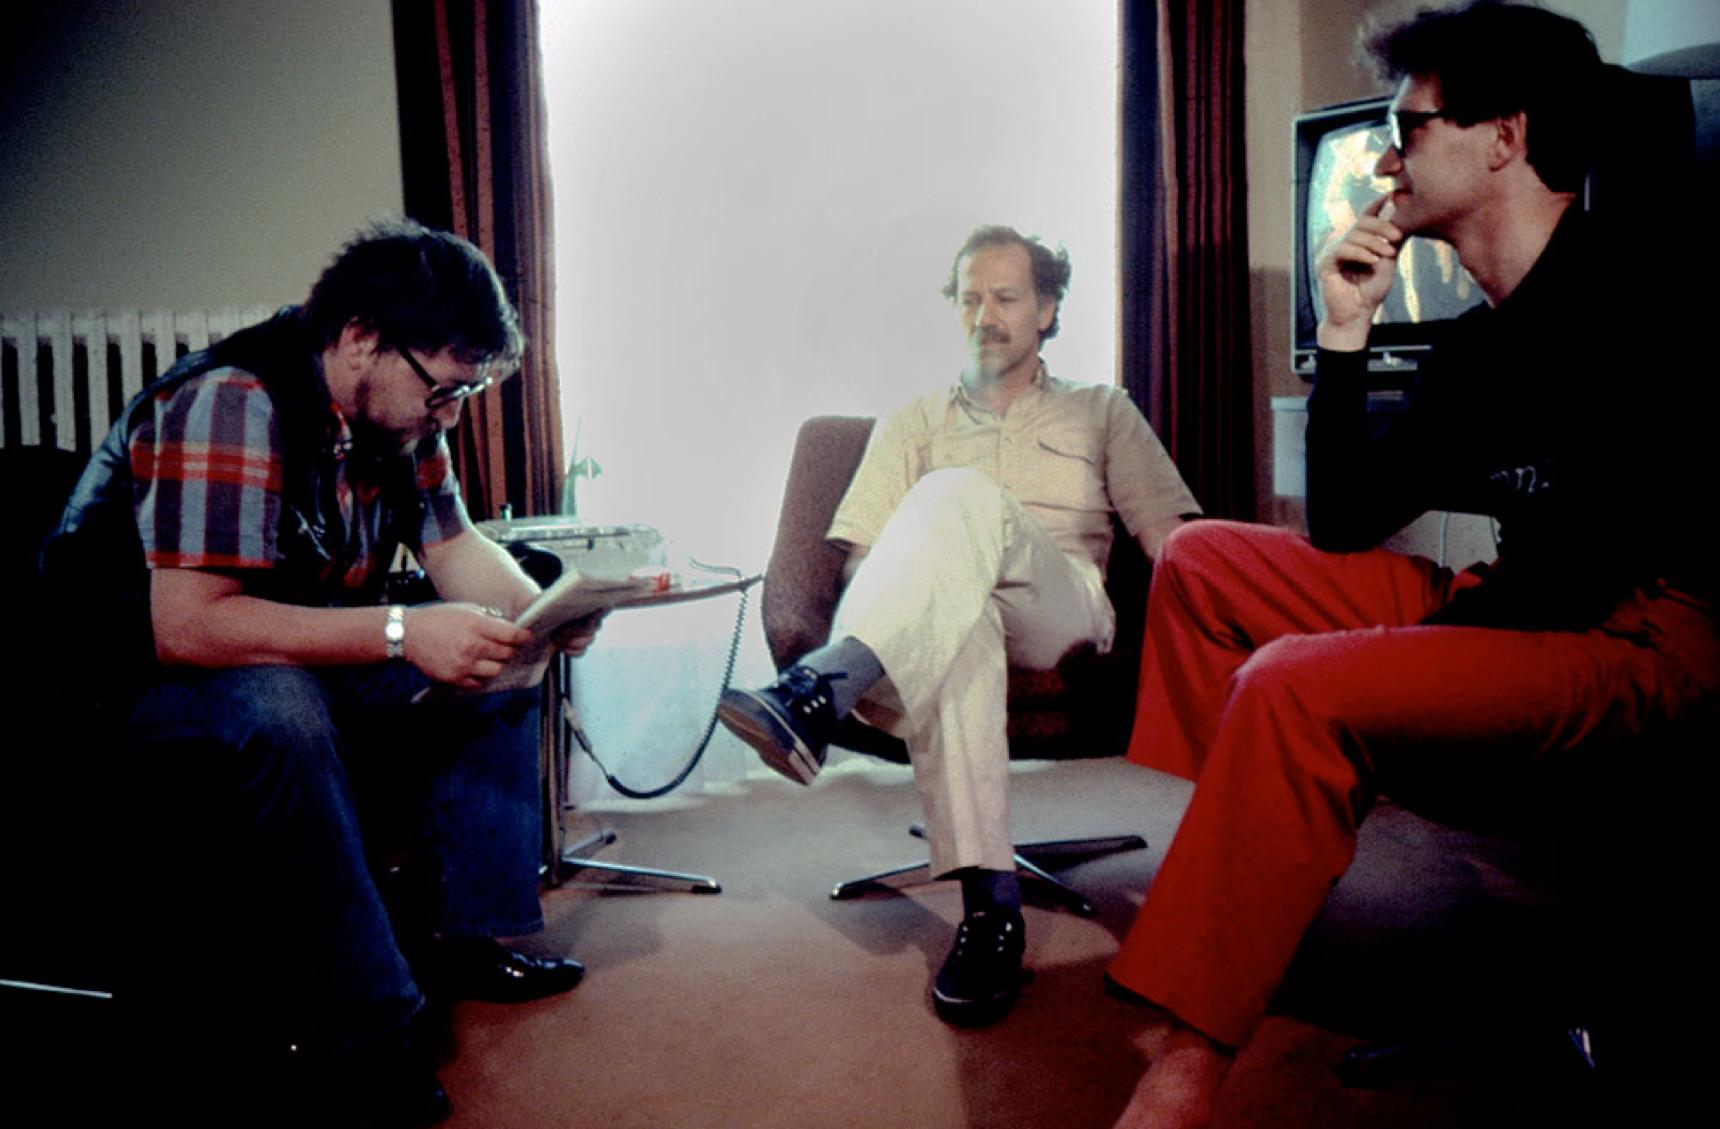 Fig. 7: CHAMBRE 666 (Wim Wenders, BRD/USA 1982), von links nach rechts: Rainer Werner Fassbinder, Werner Herzog, Wim Wenders